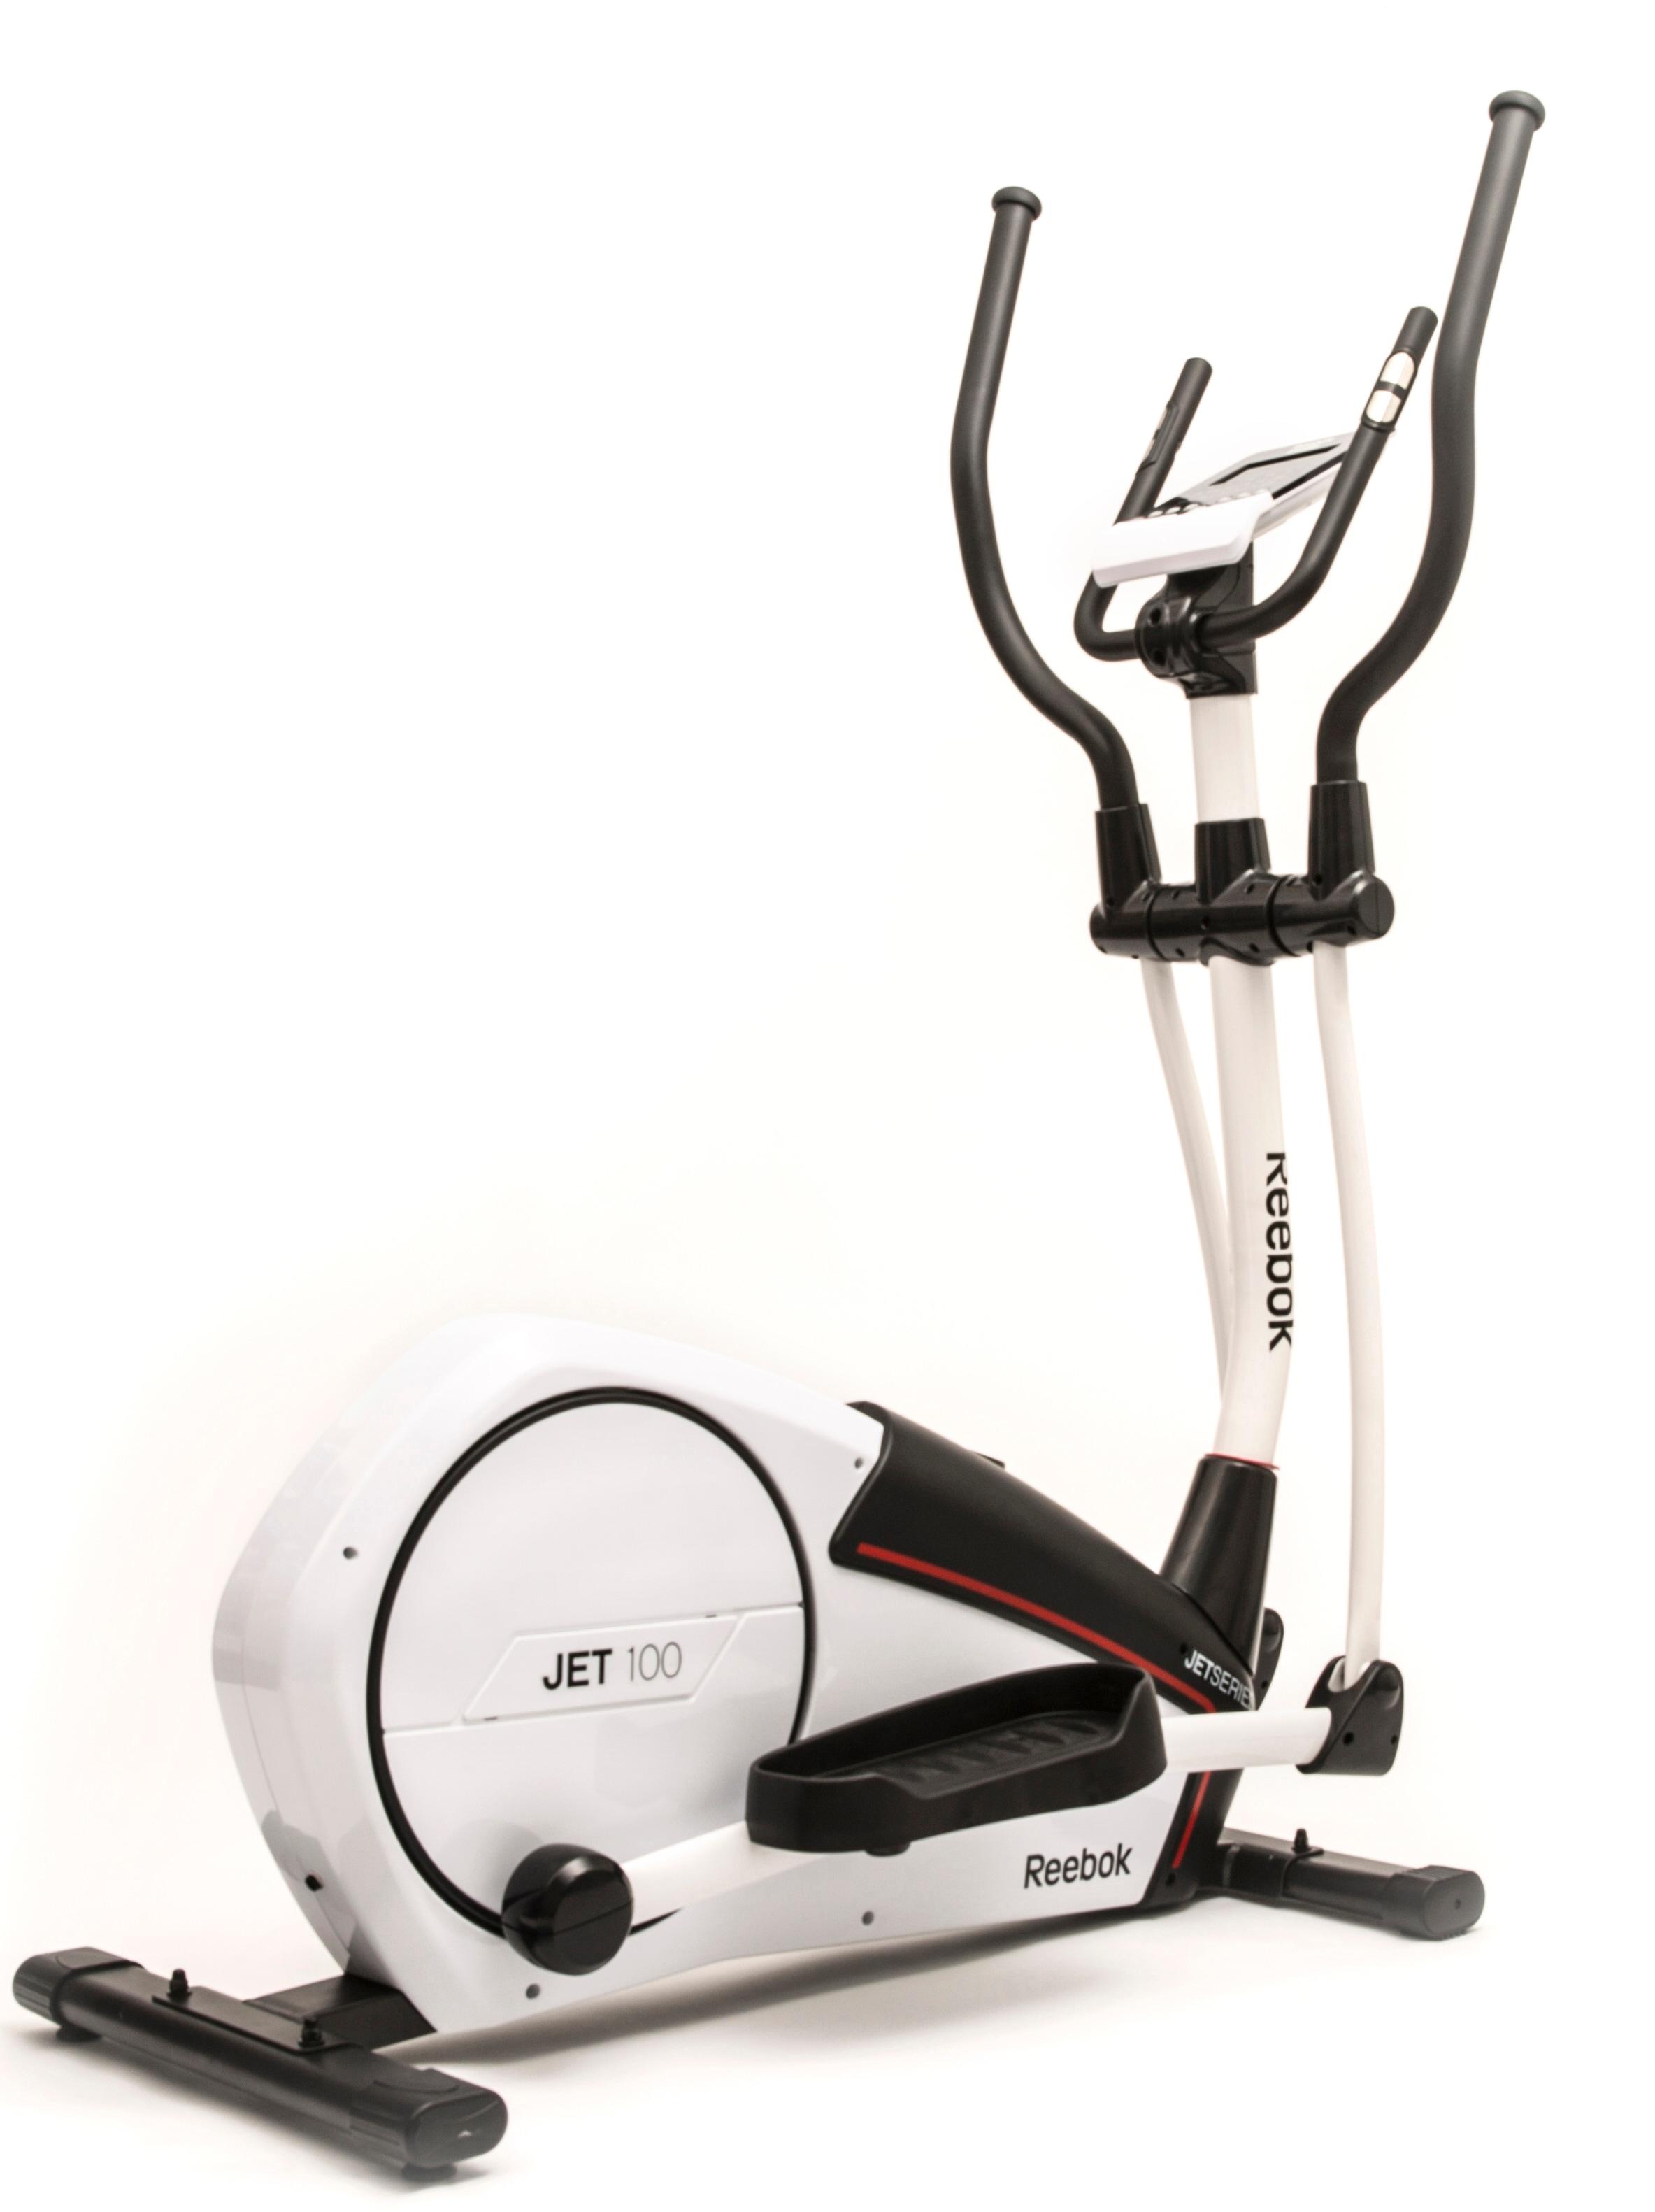 Reebok Crosstrainer-Ergometer Jet 100 Series Crosstrainer Technik & Freizeit/Sport & Freizeit/Fitnessgeräte/Crosstrainer